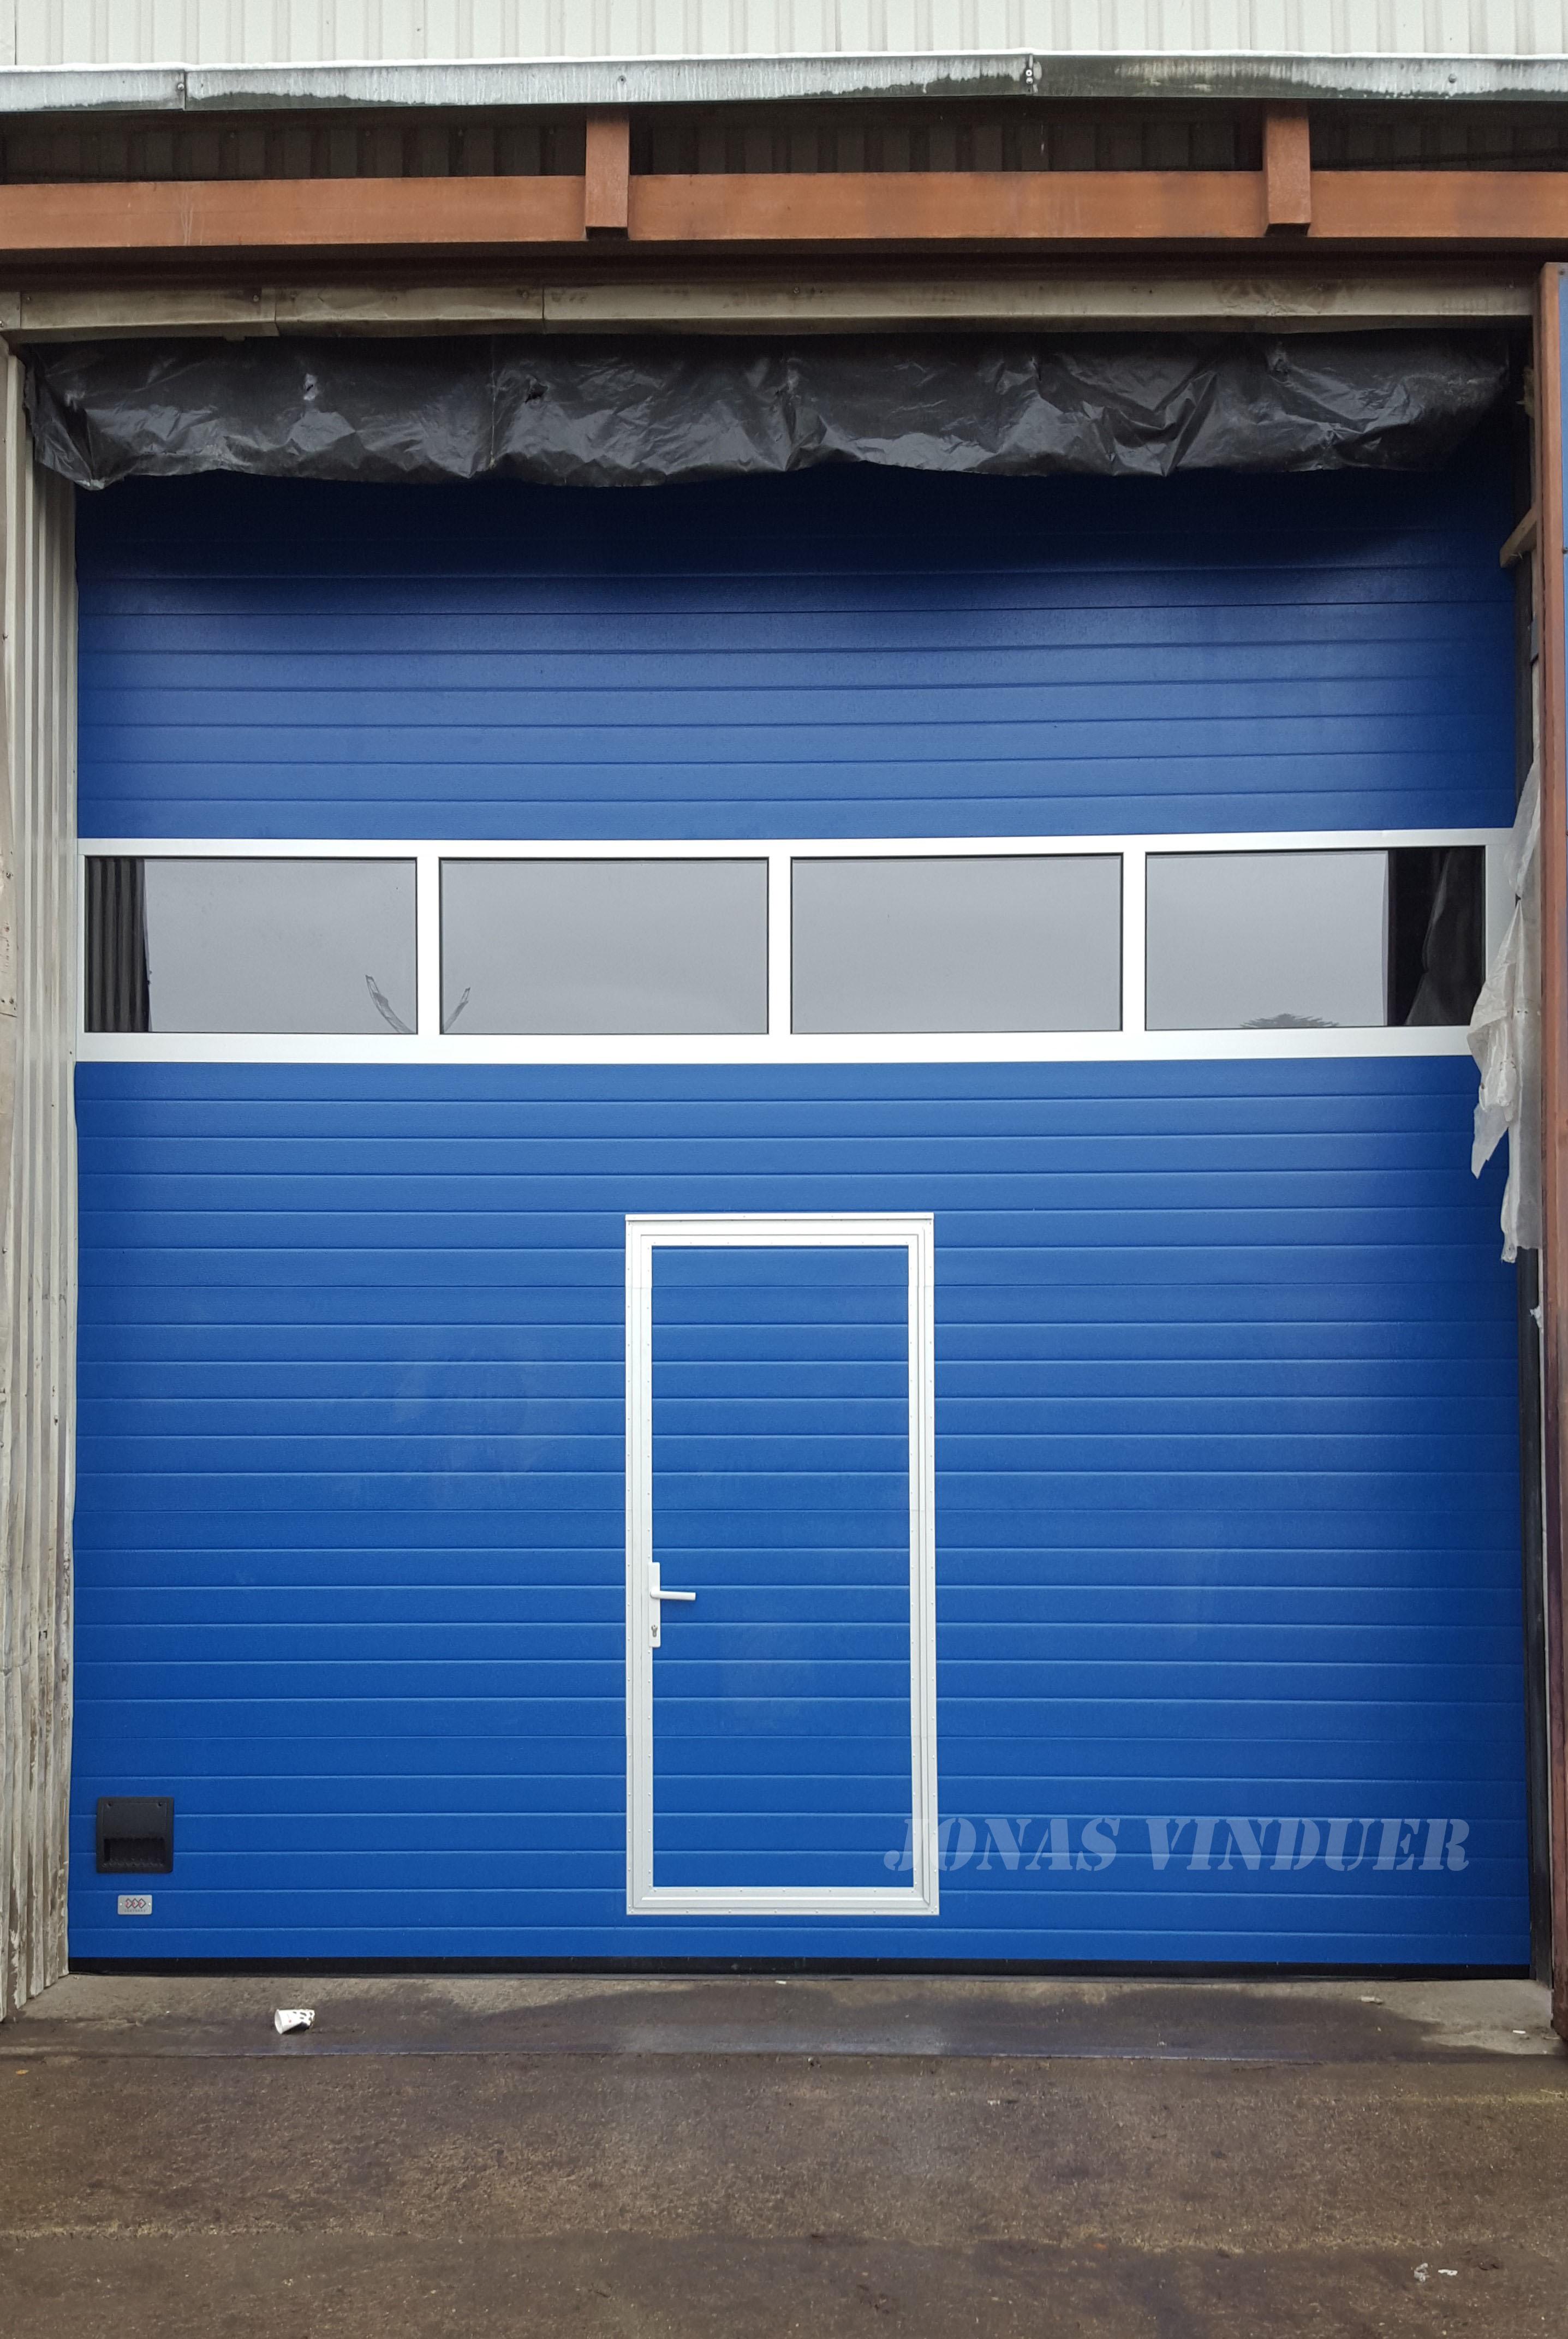 Industry use lift garage door | Jonas Vinduer